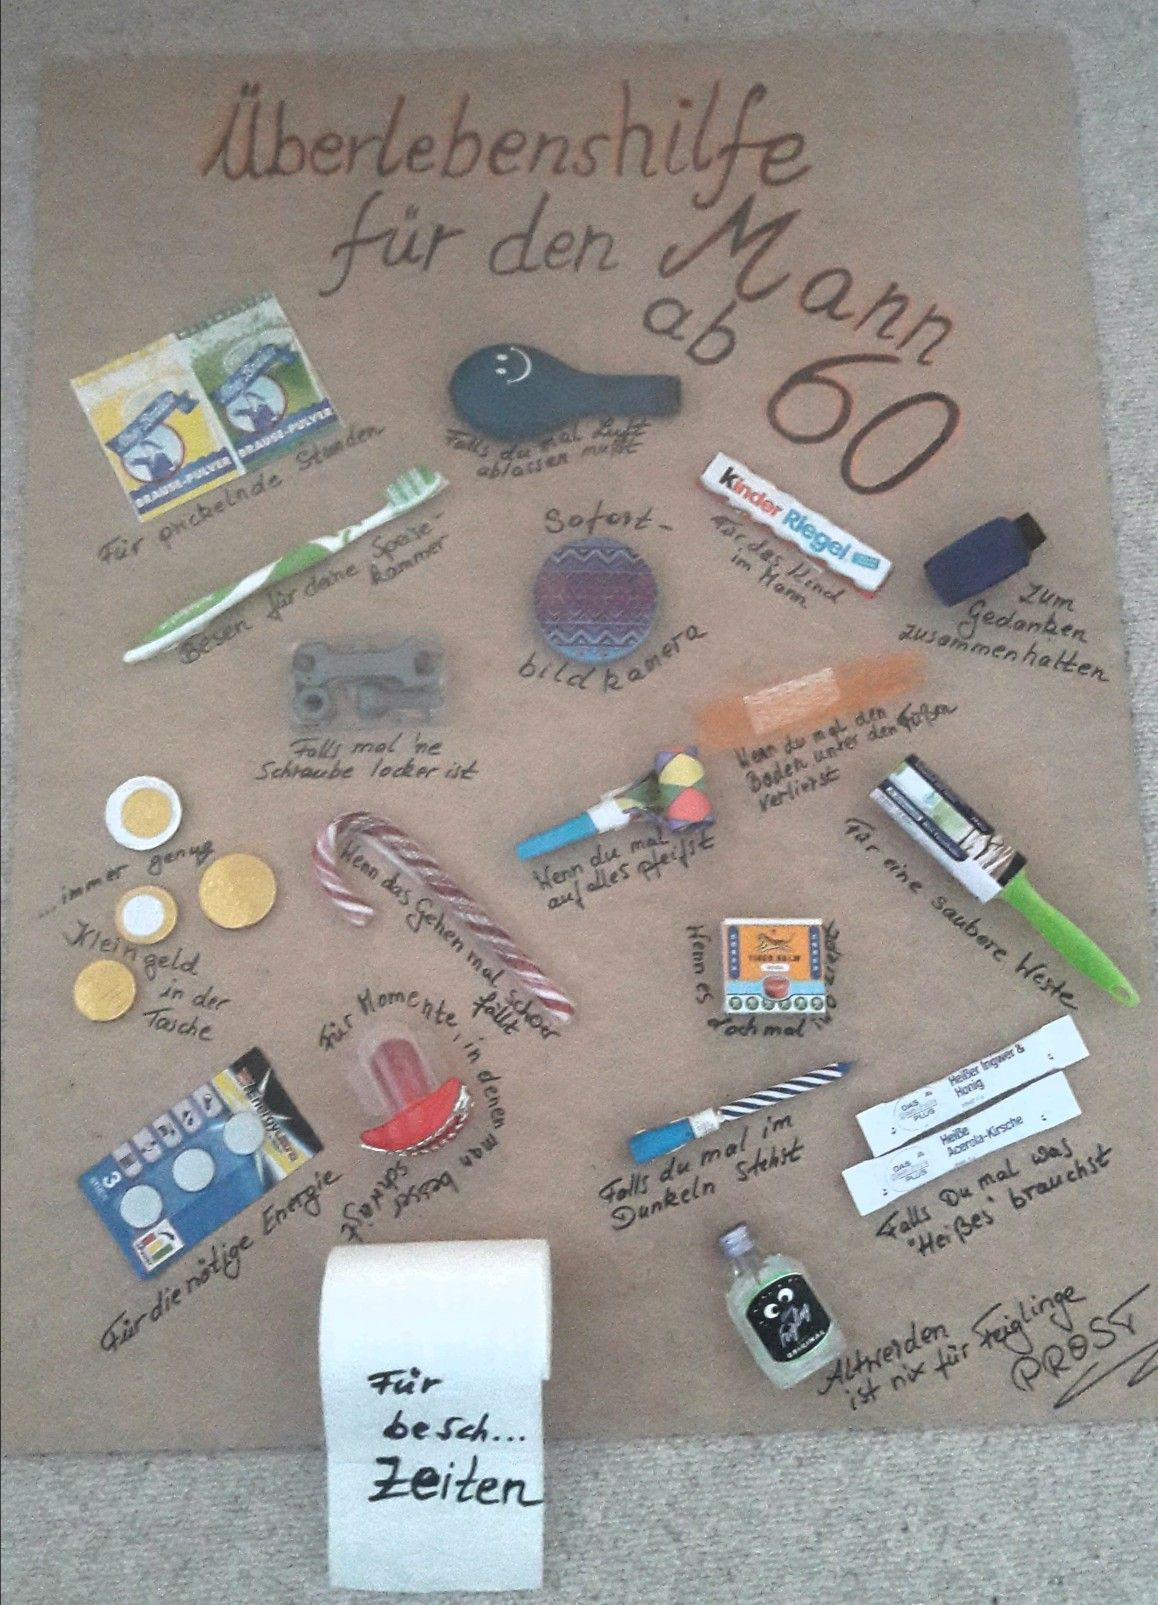 Witzige Geschenke Zum 60 Geburtstag Selber Machen  Pin von Anja Otten auf Geschenke